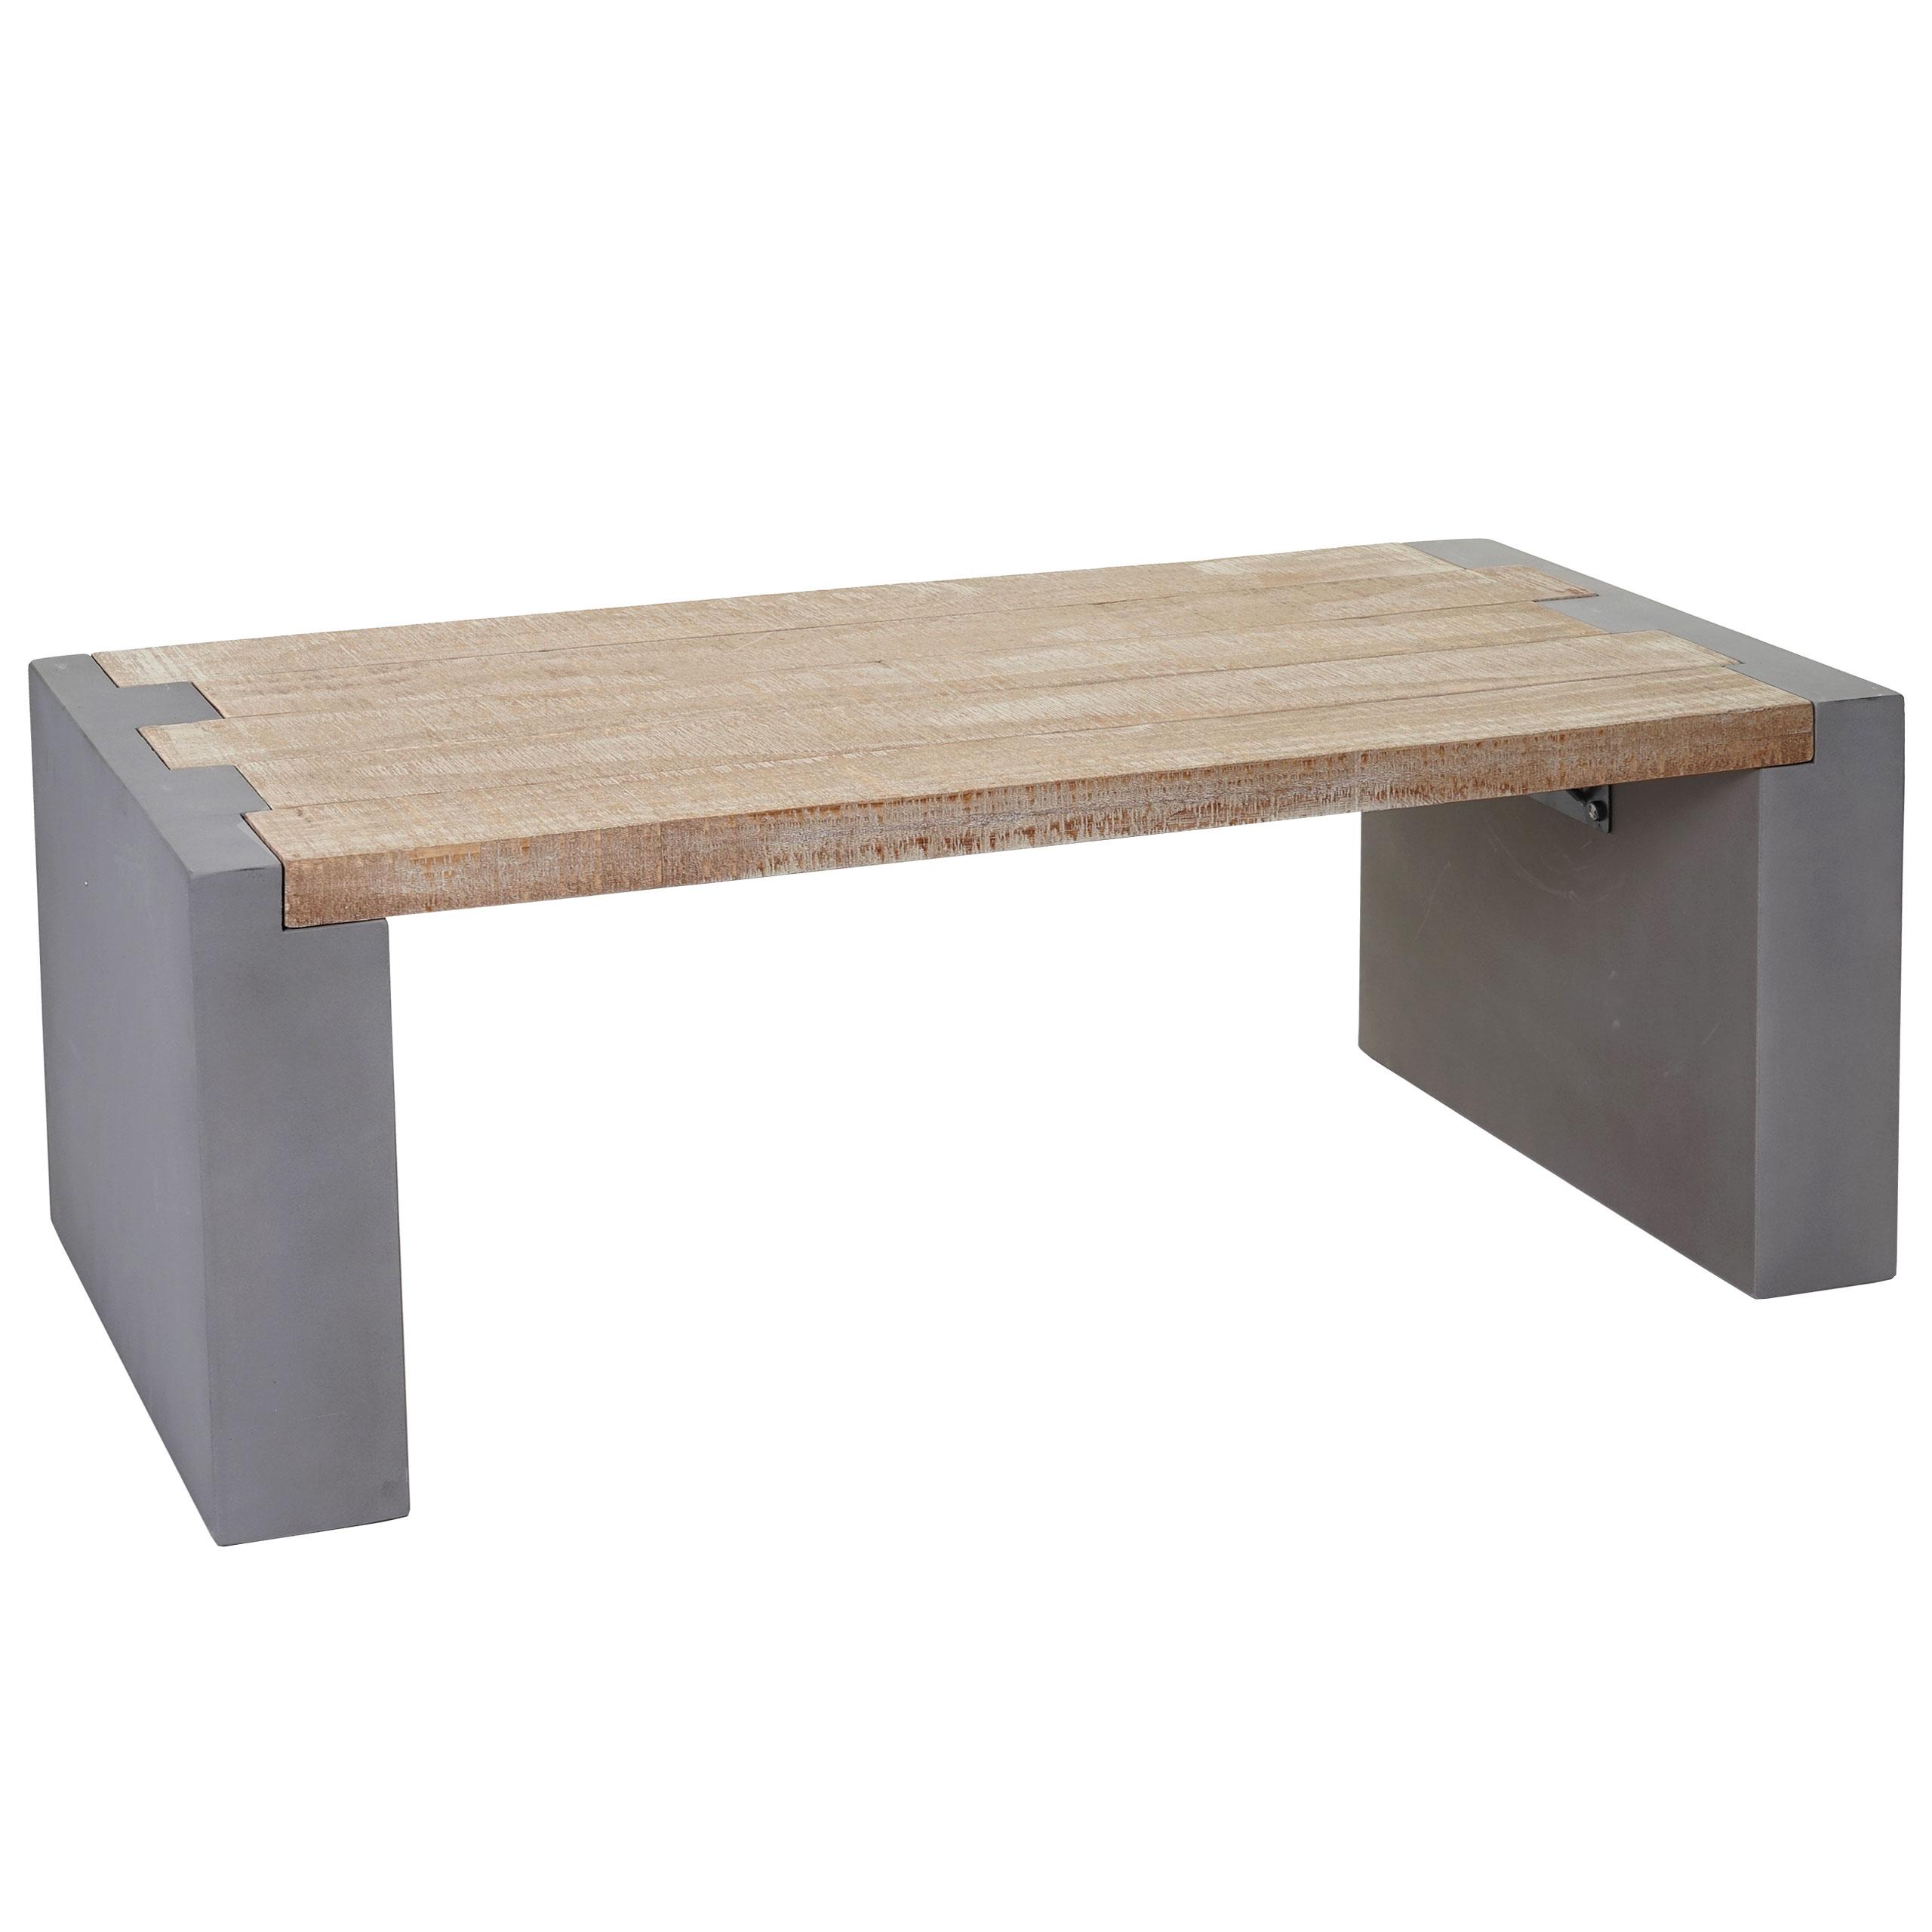 Couchtisch Hwc A15 Wohnzimmertisch Beton Optik Tanne Holz Rustikal